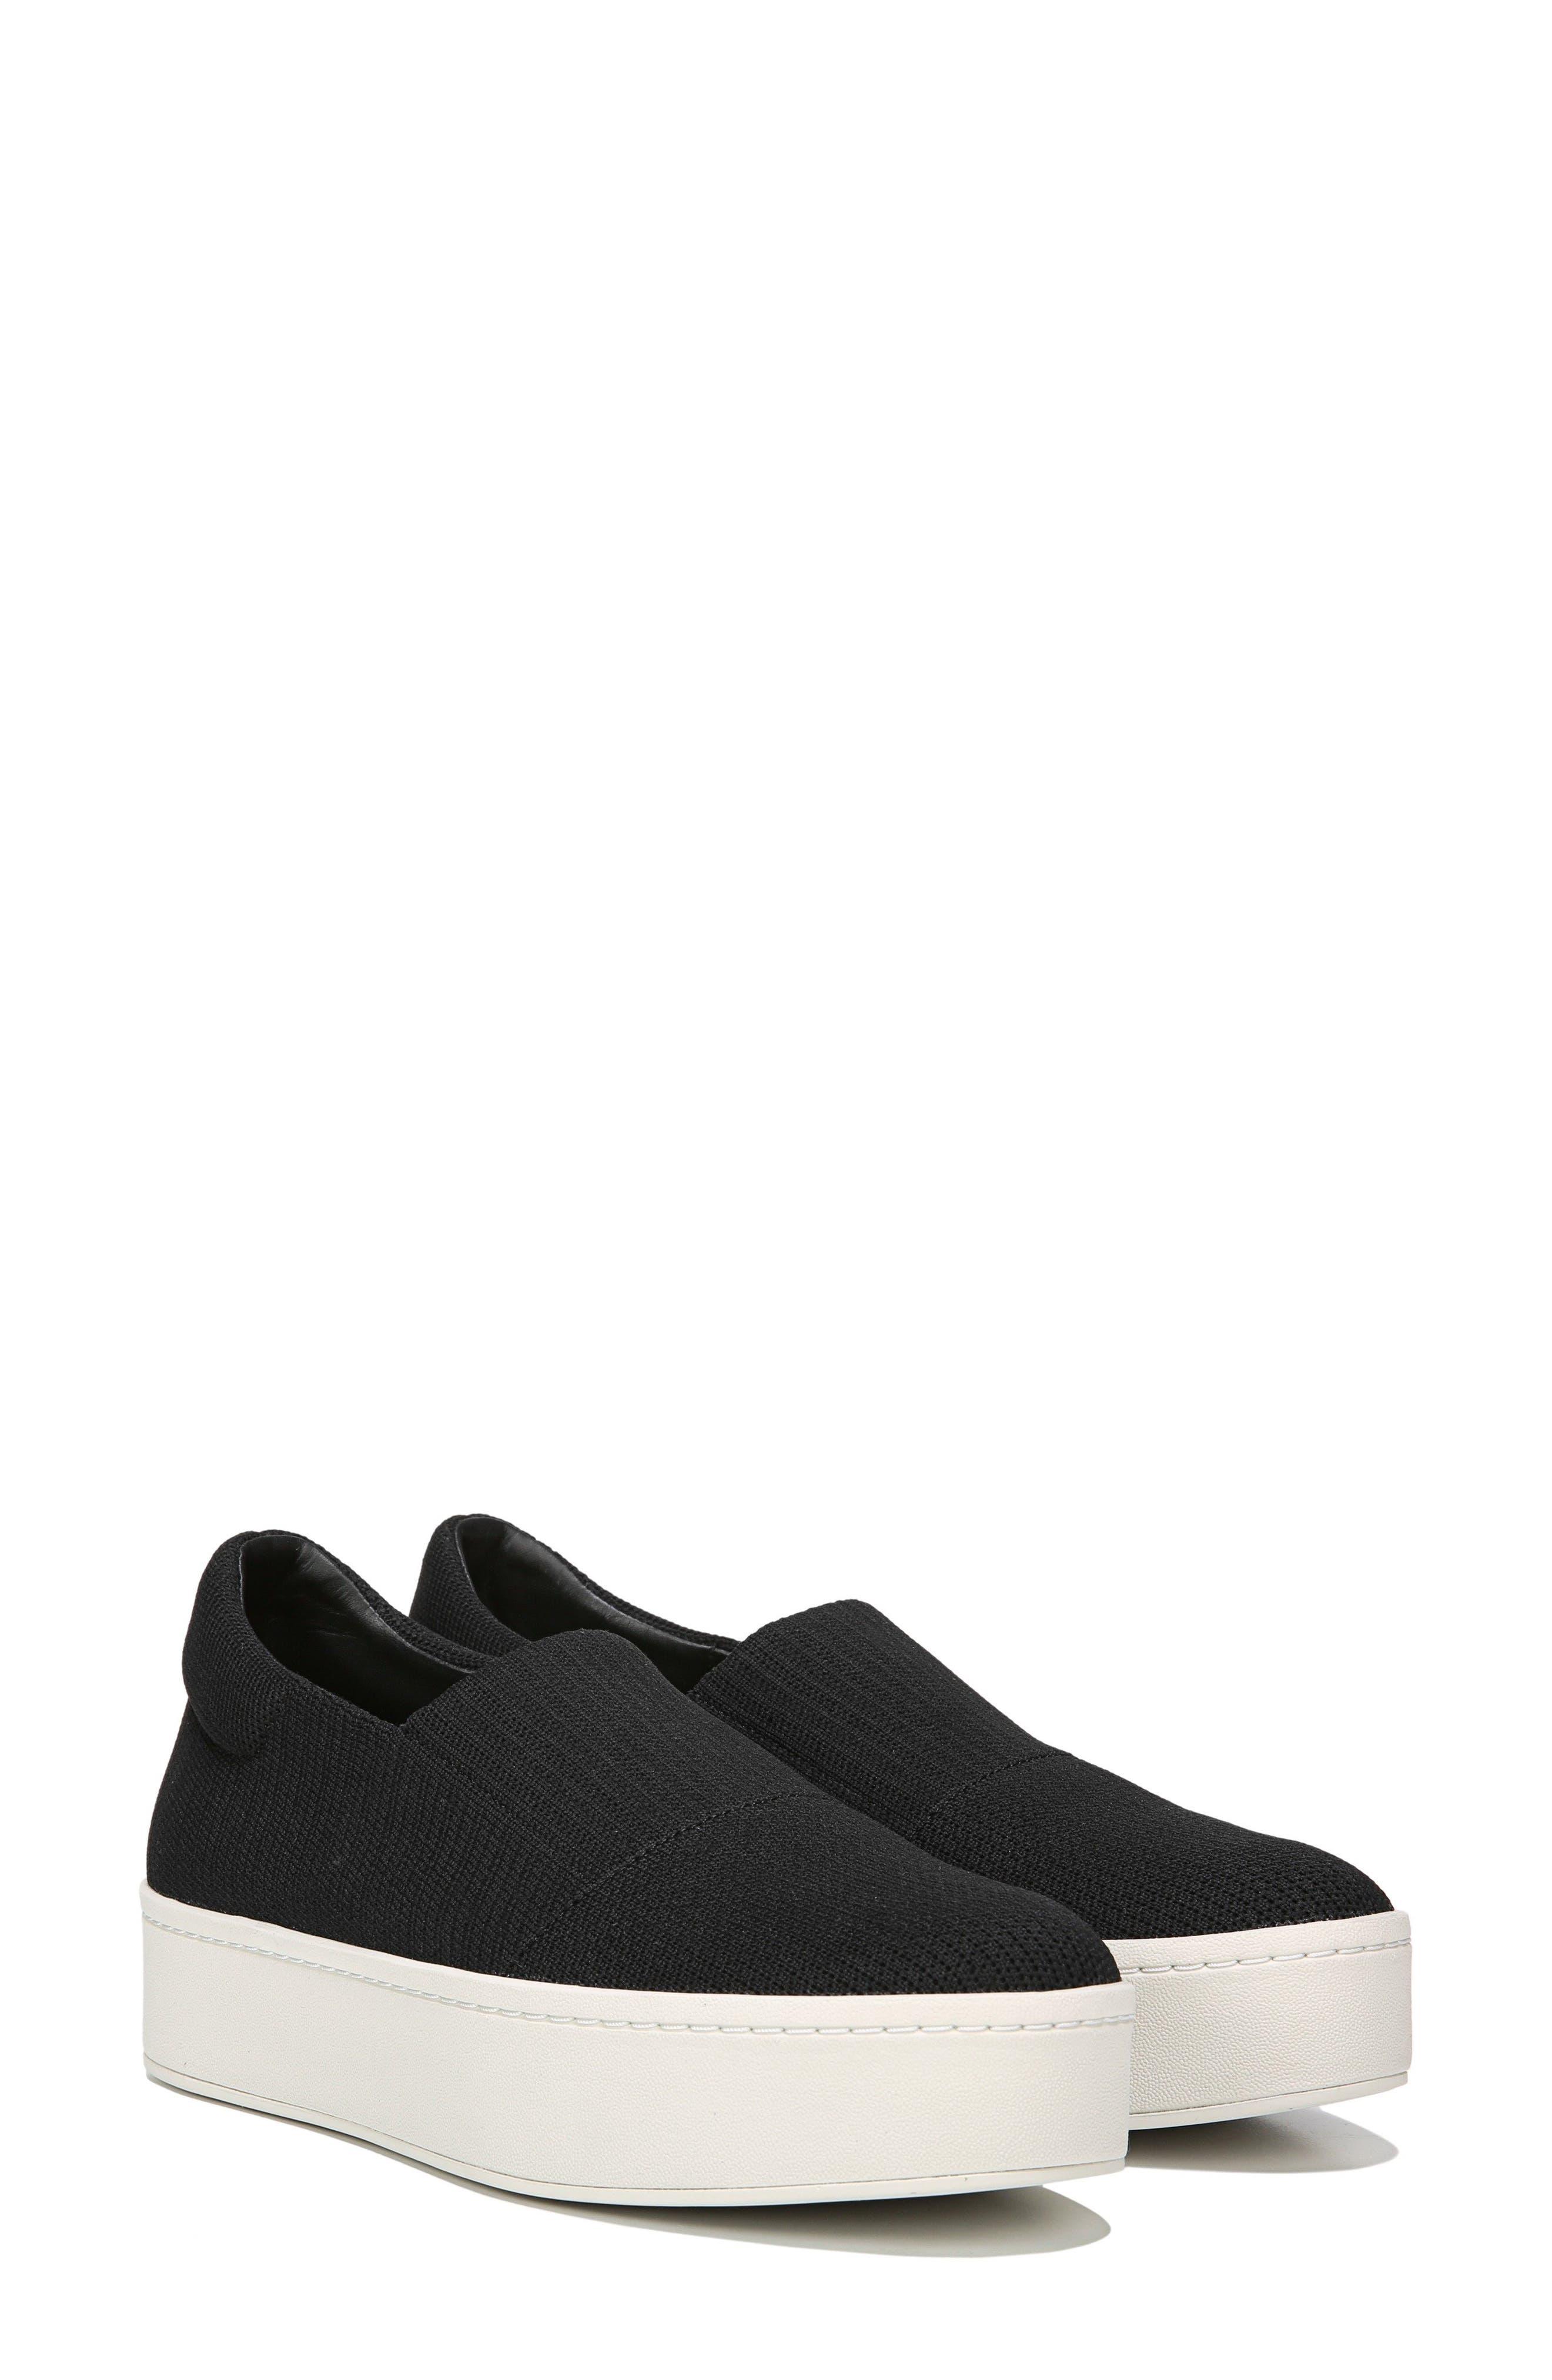 Walsh Slip-On Sneaker,                             Alternate thumbnail 7, color,                             001